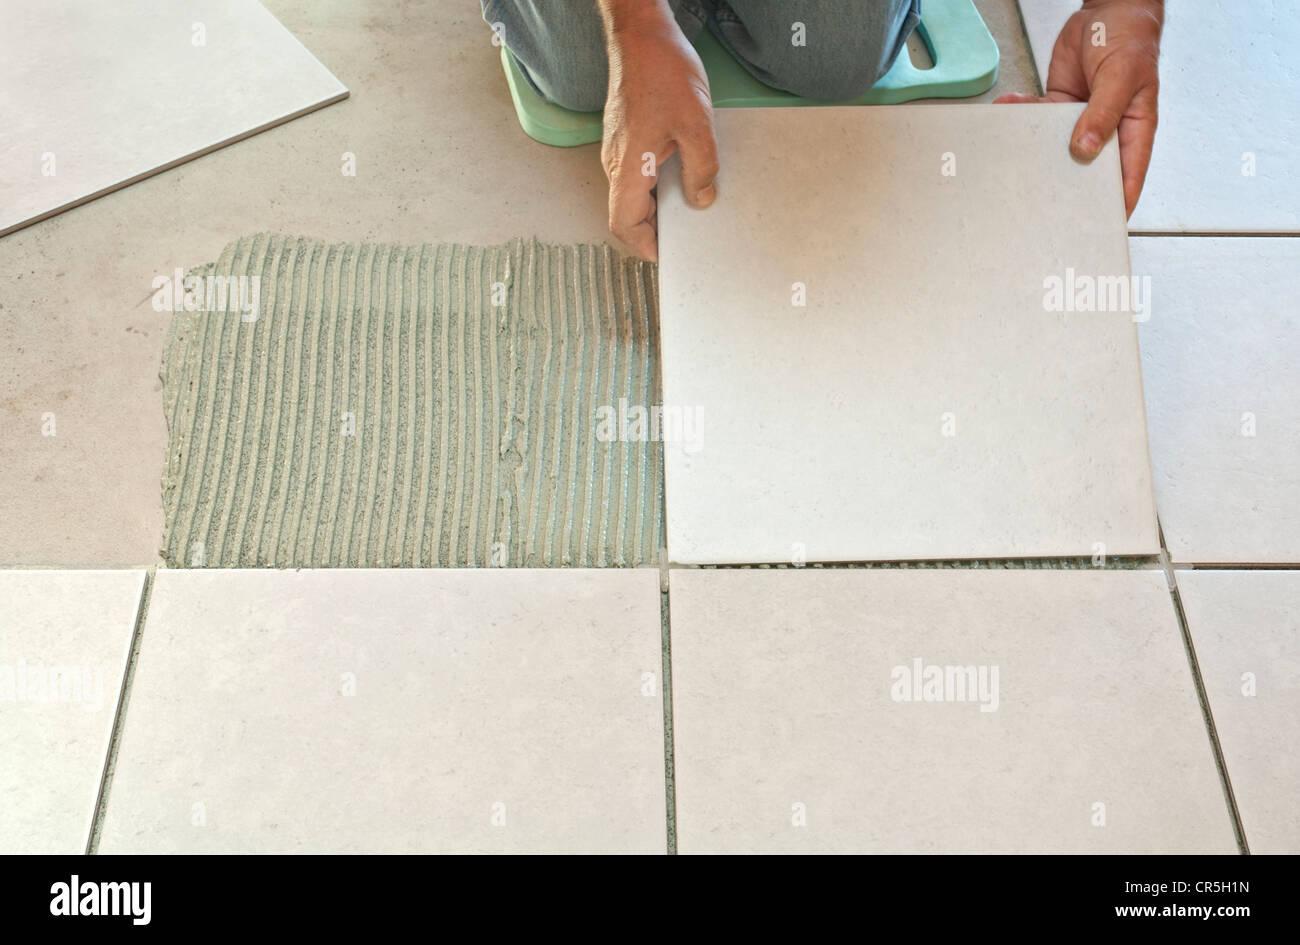 Luomo immissione ceramiche piastrelle del pavimento in posizione su